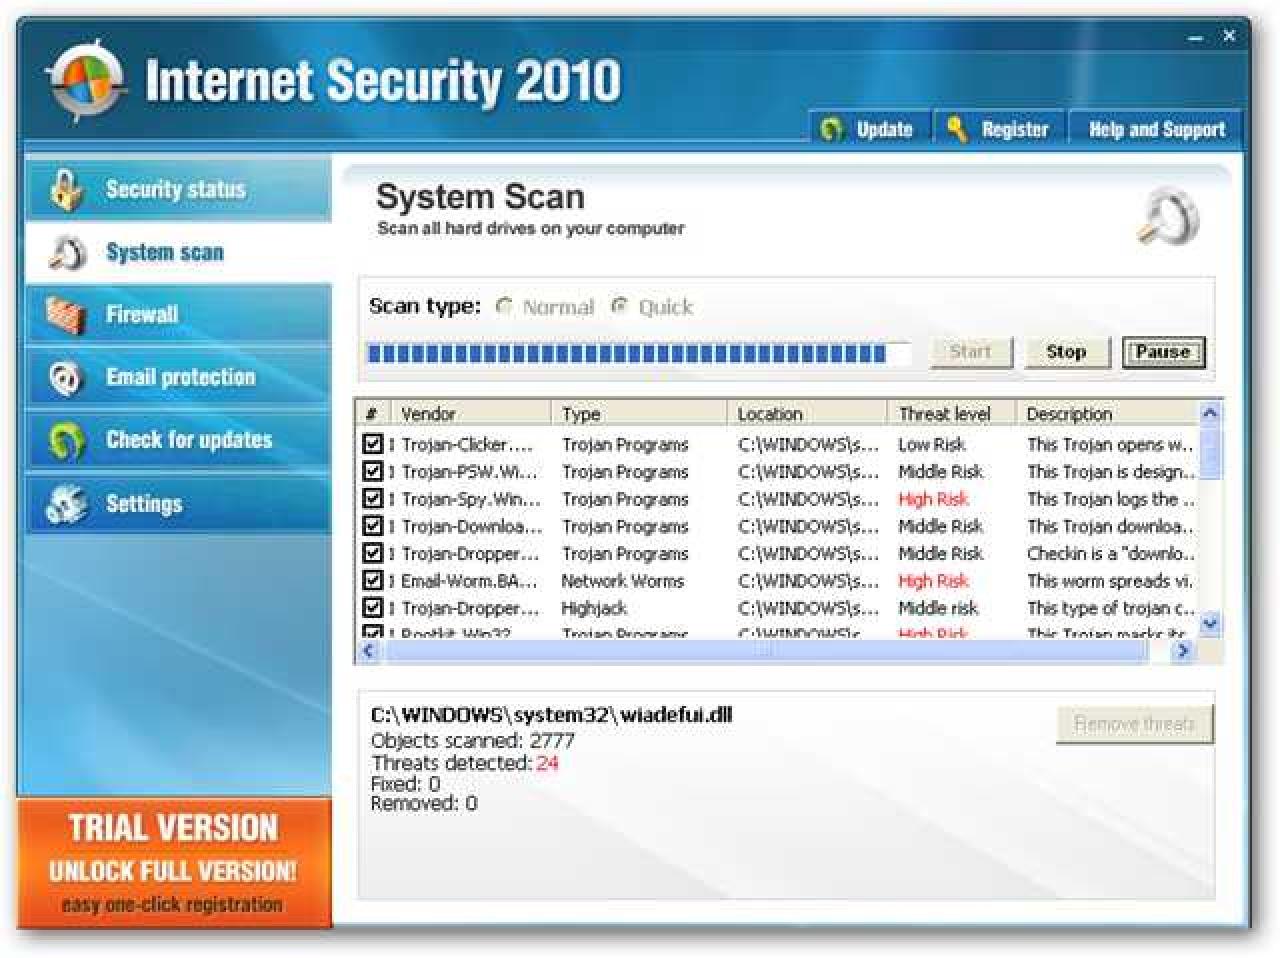 Nola kendu Internet Security 2010 eta beste Rogue / Fake Antivirus Malware